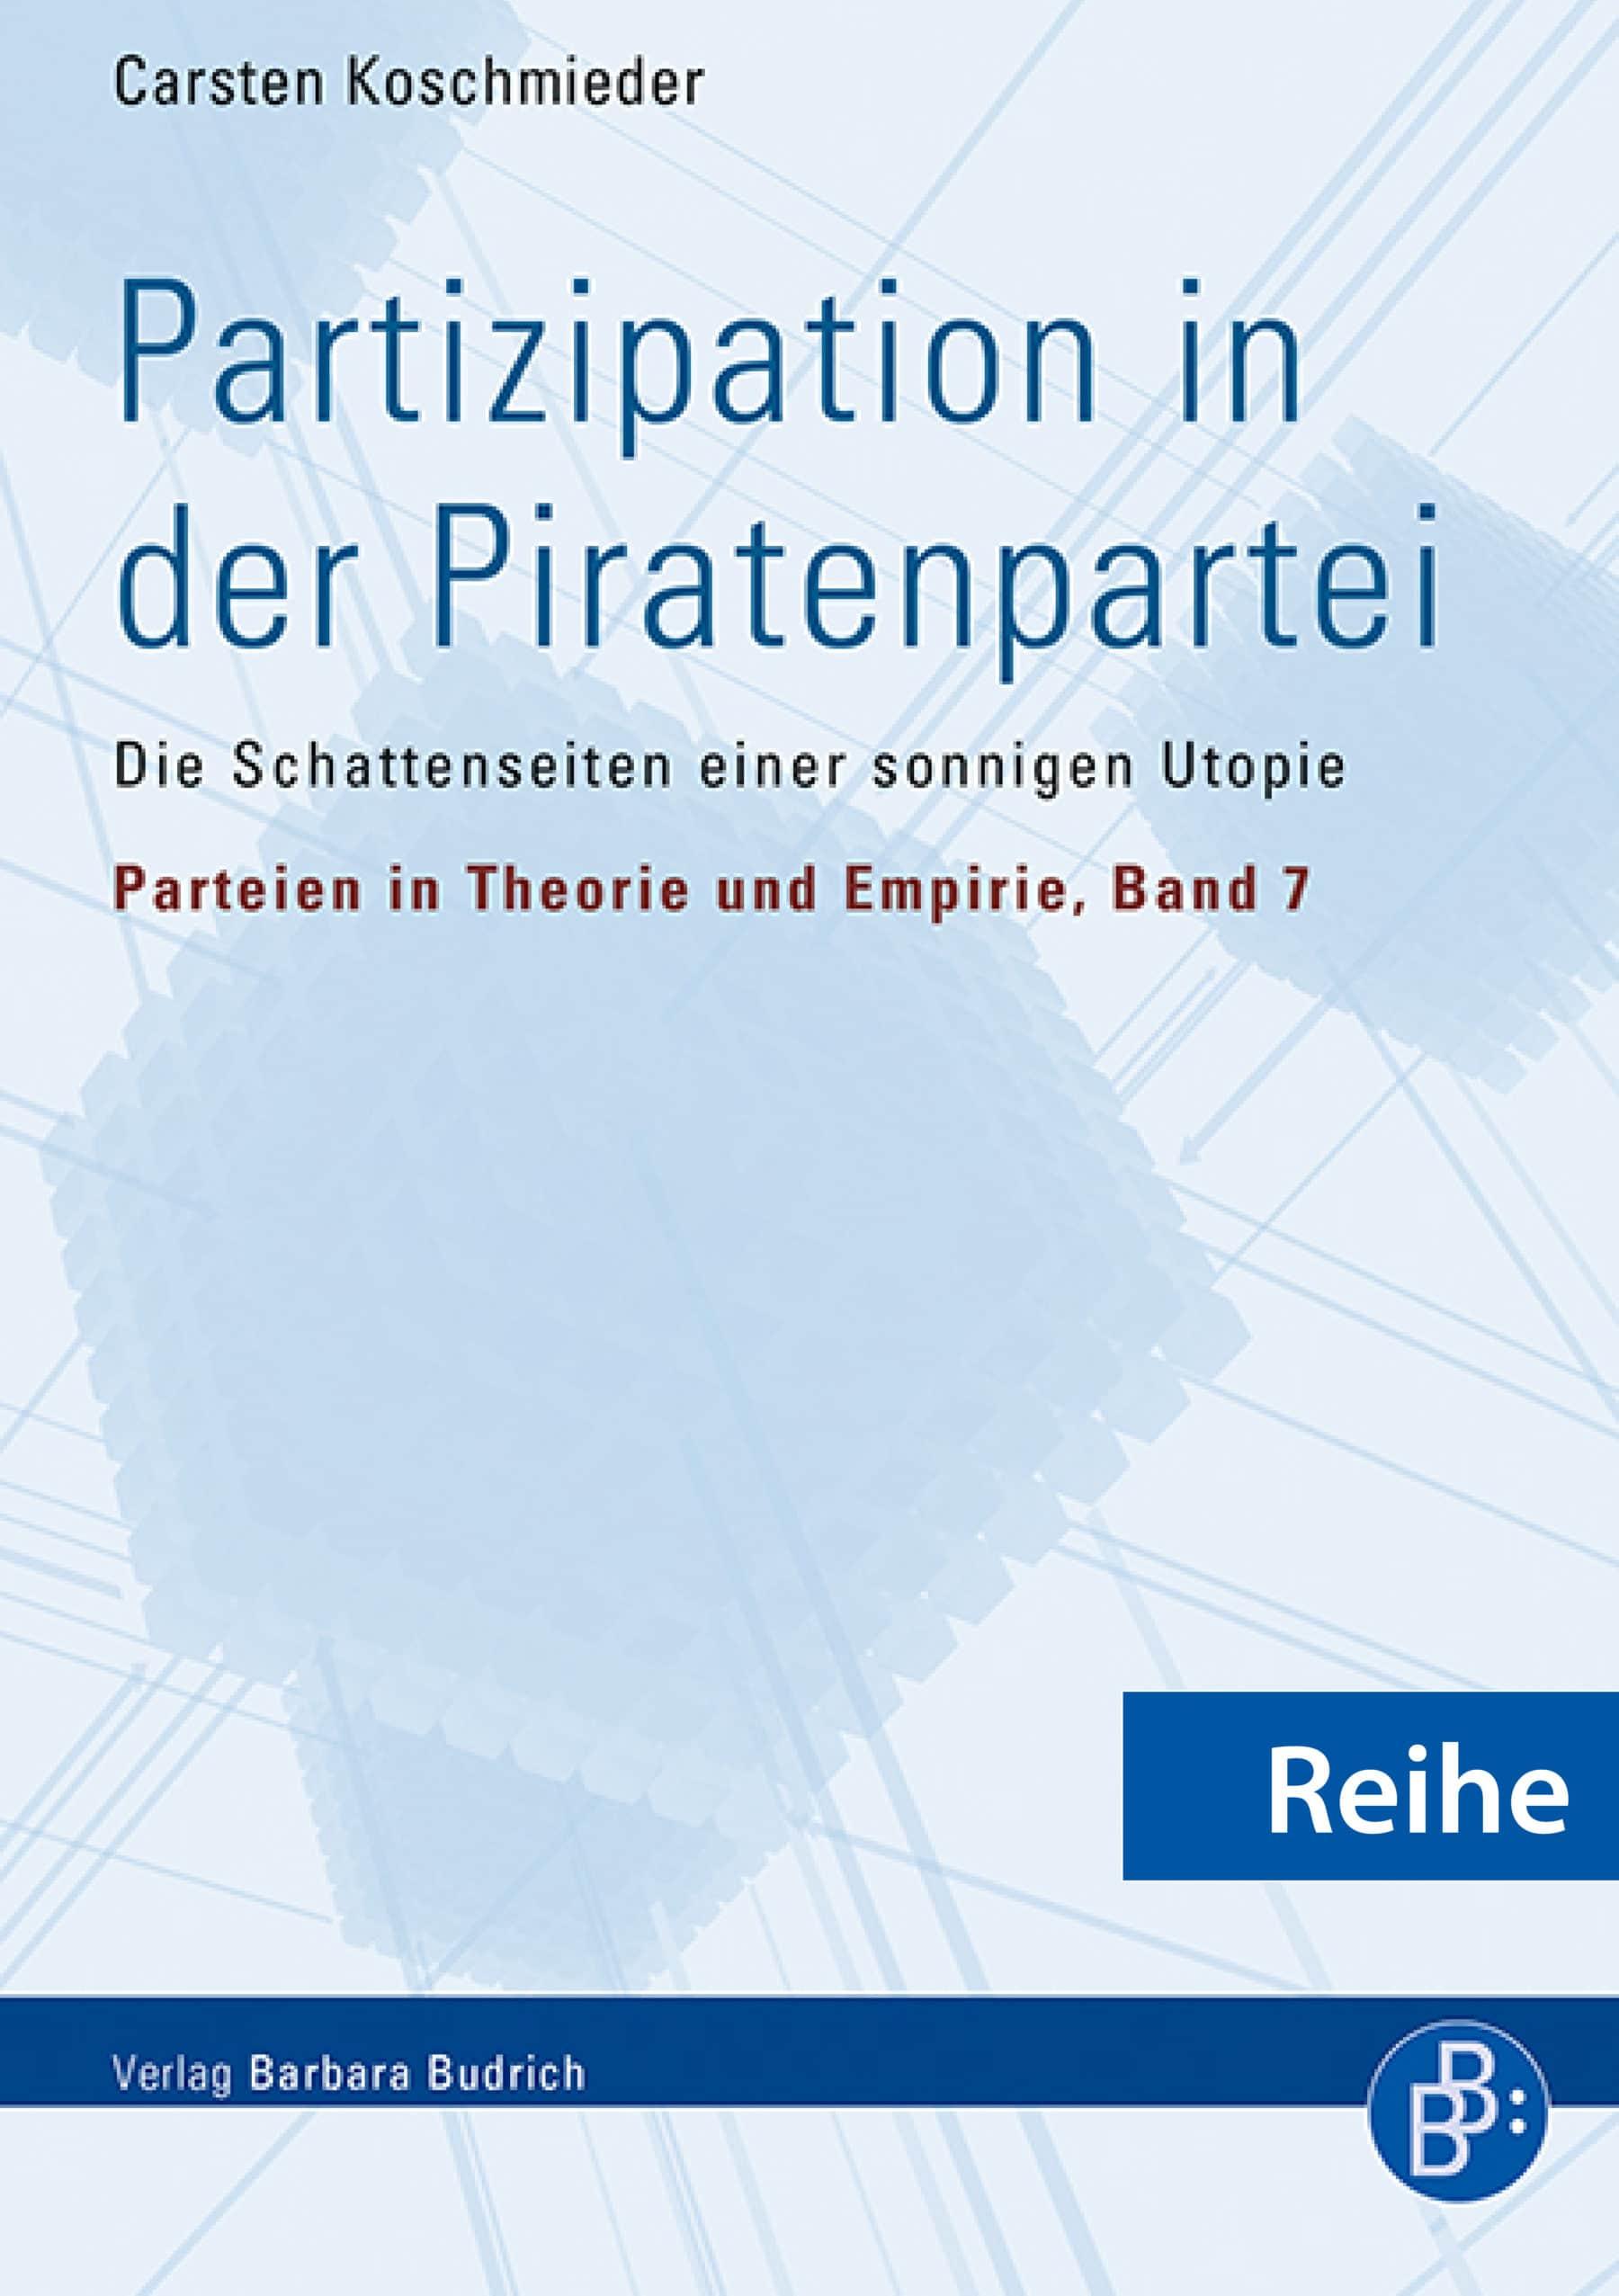 Reihe - Parteien in Theorie und Empirie